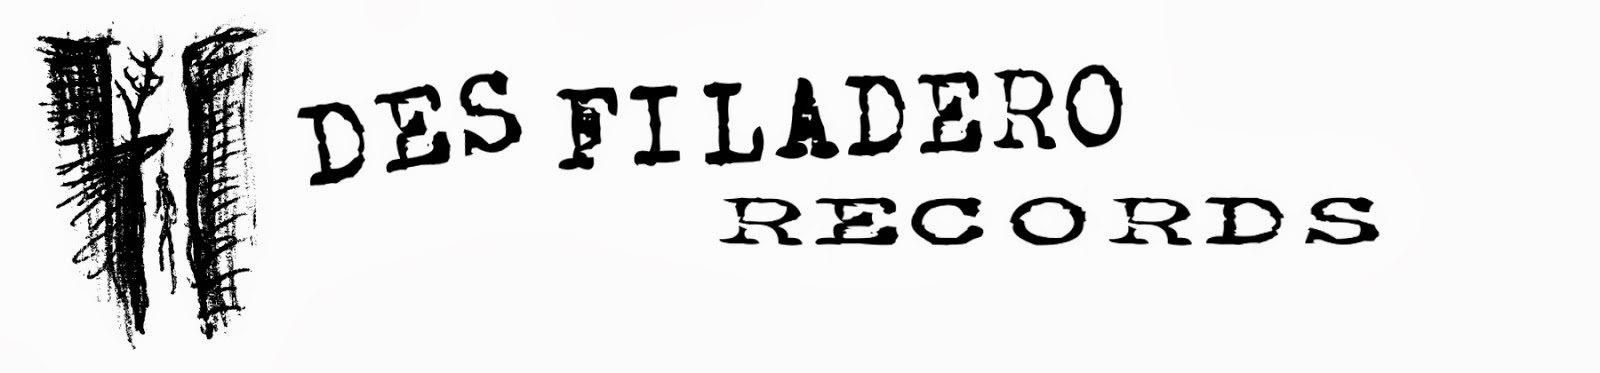 DESFILADERO RECORDS